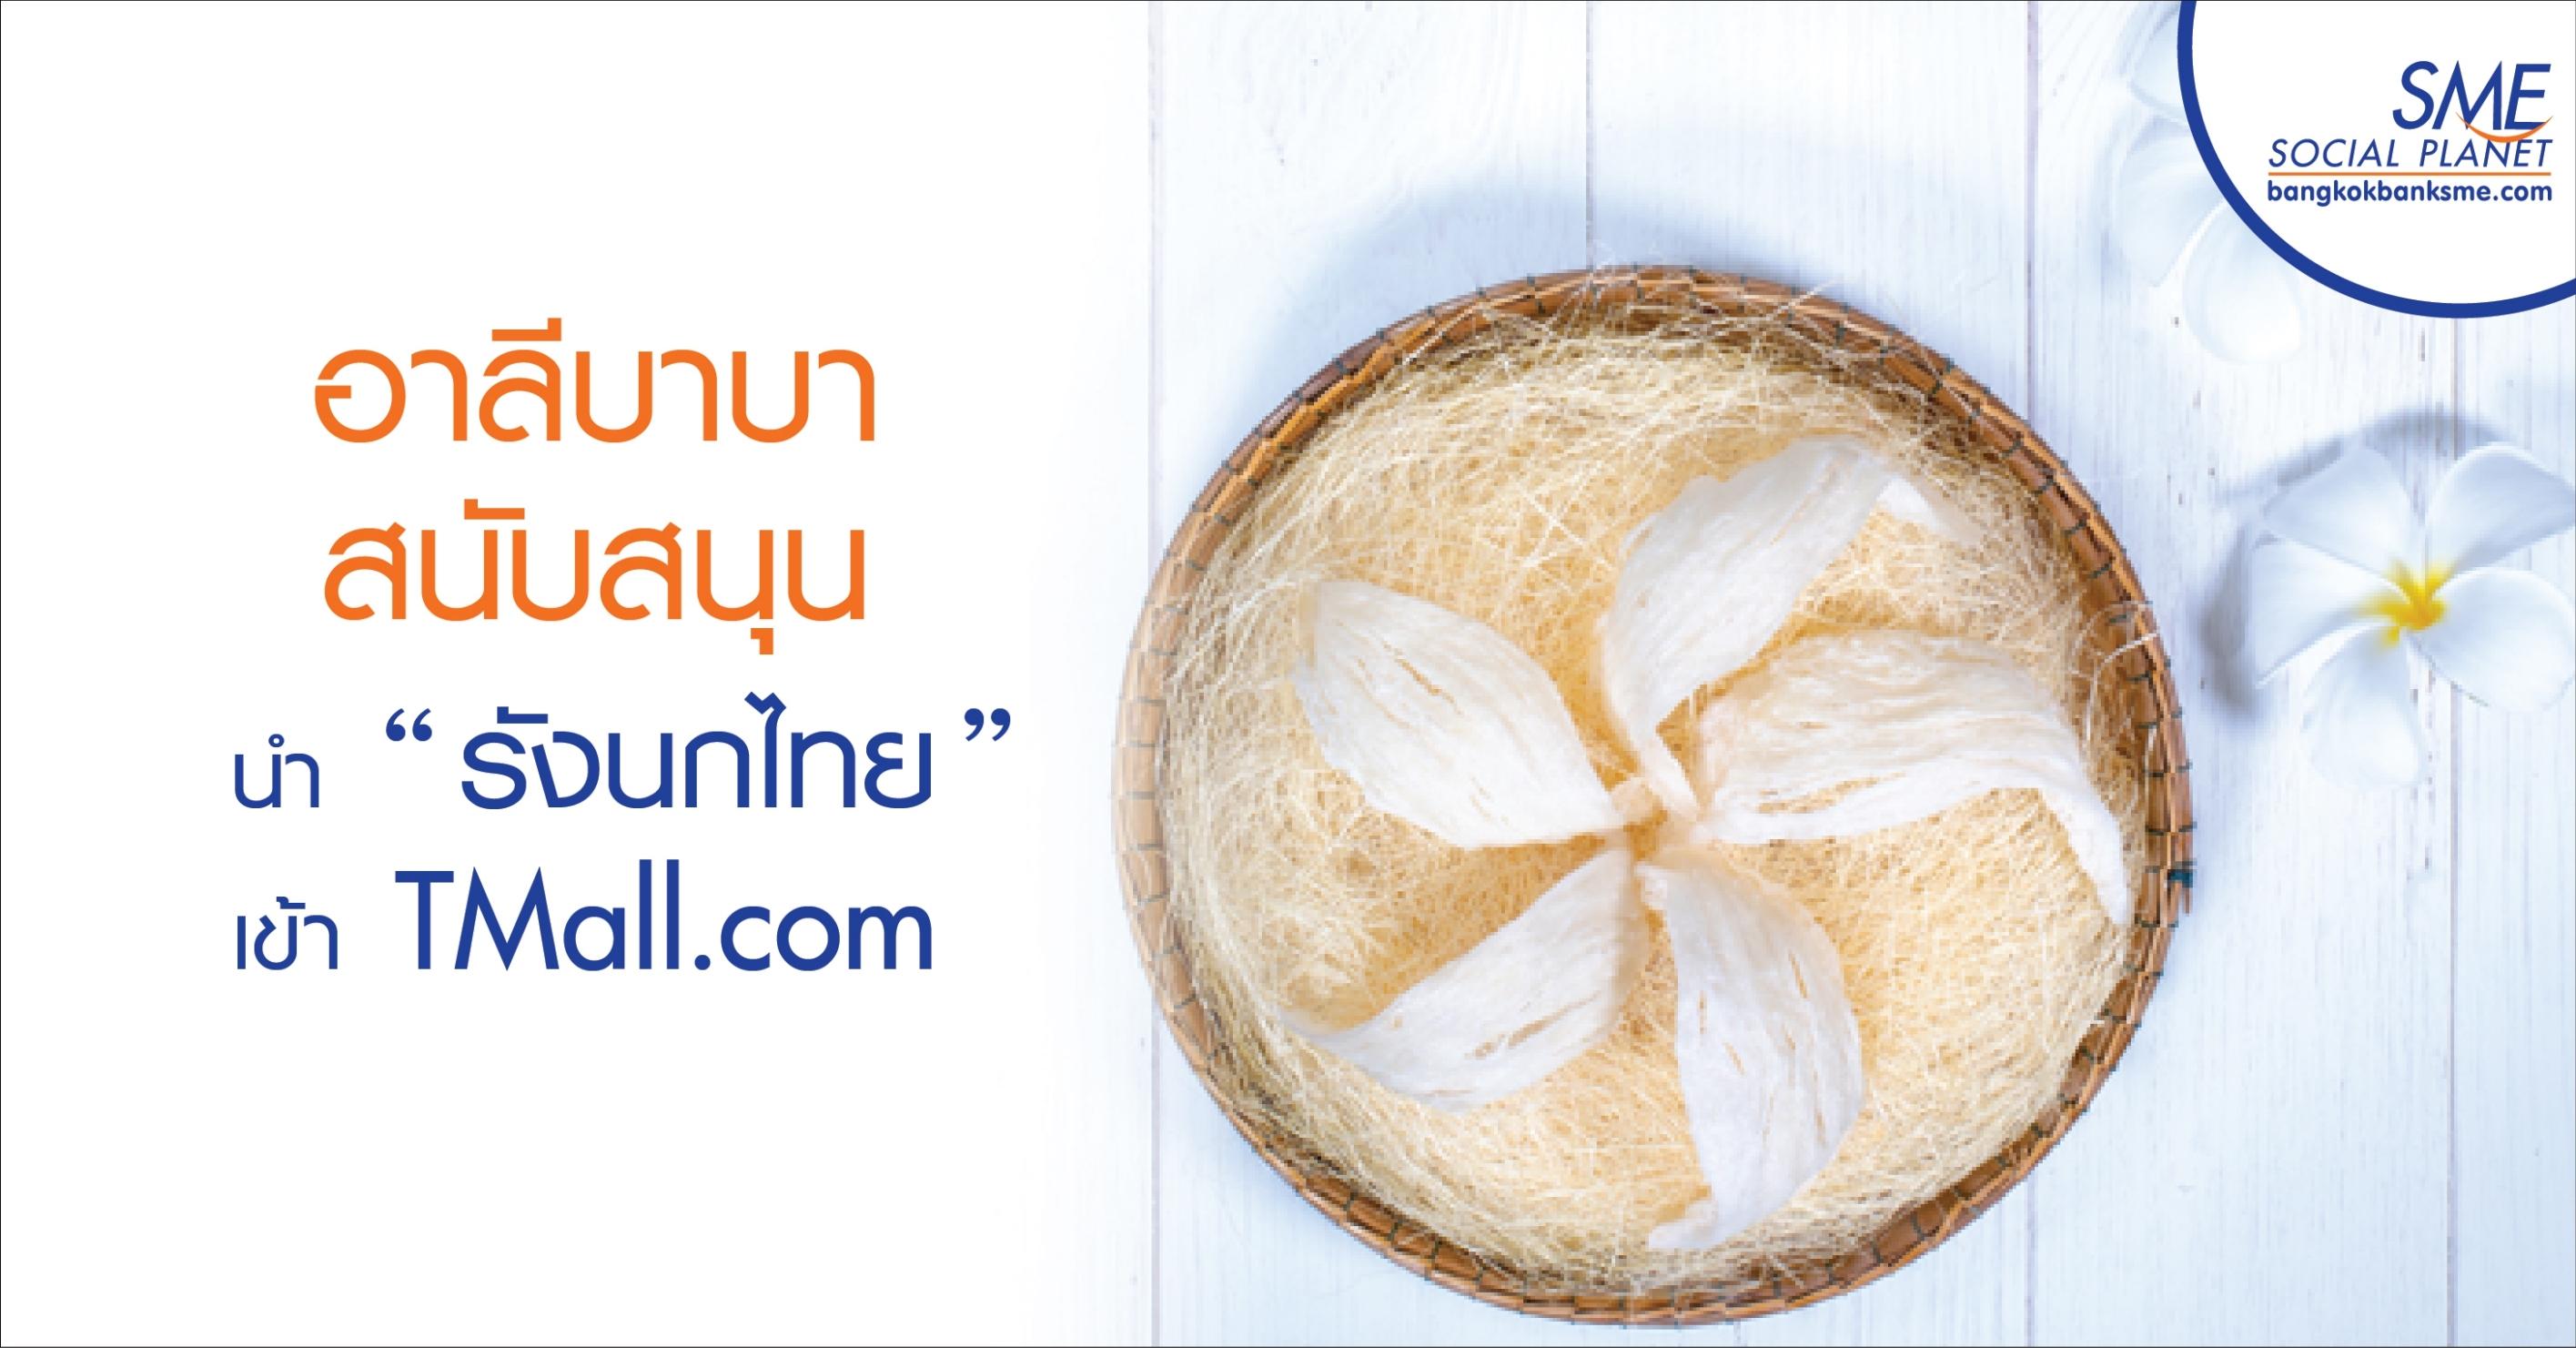 """อาลีบาบาสนับสนุนนำ """"รังนกไทย"""" เข้า TMall.com"""